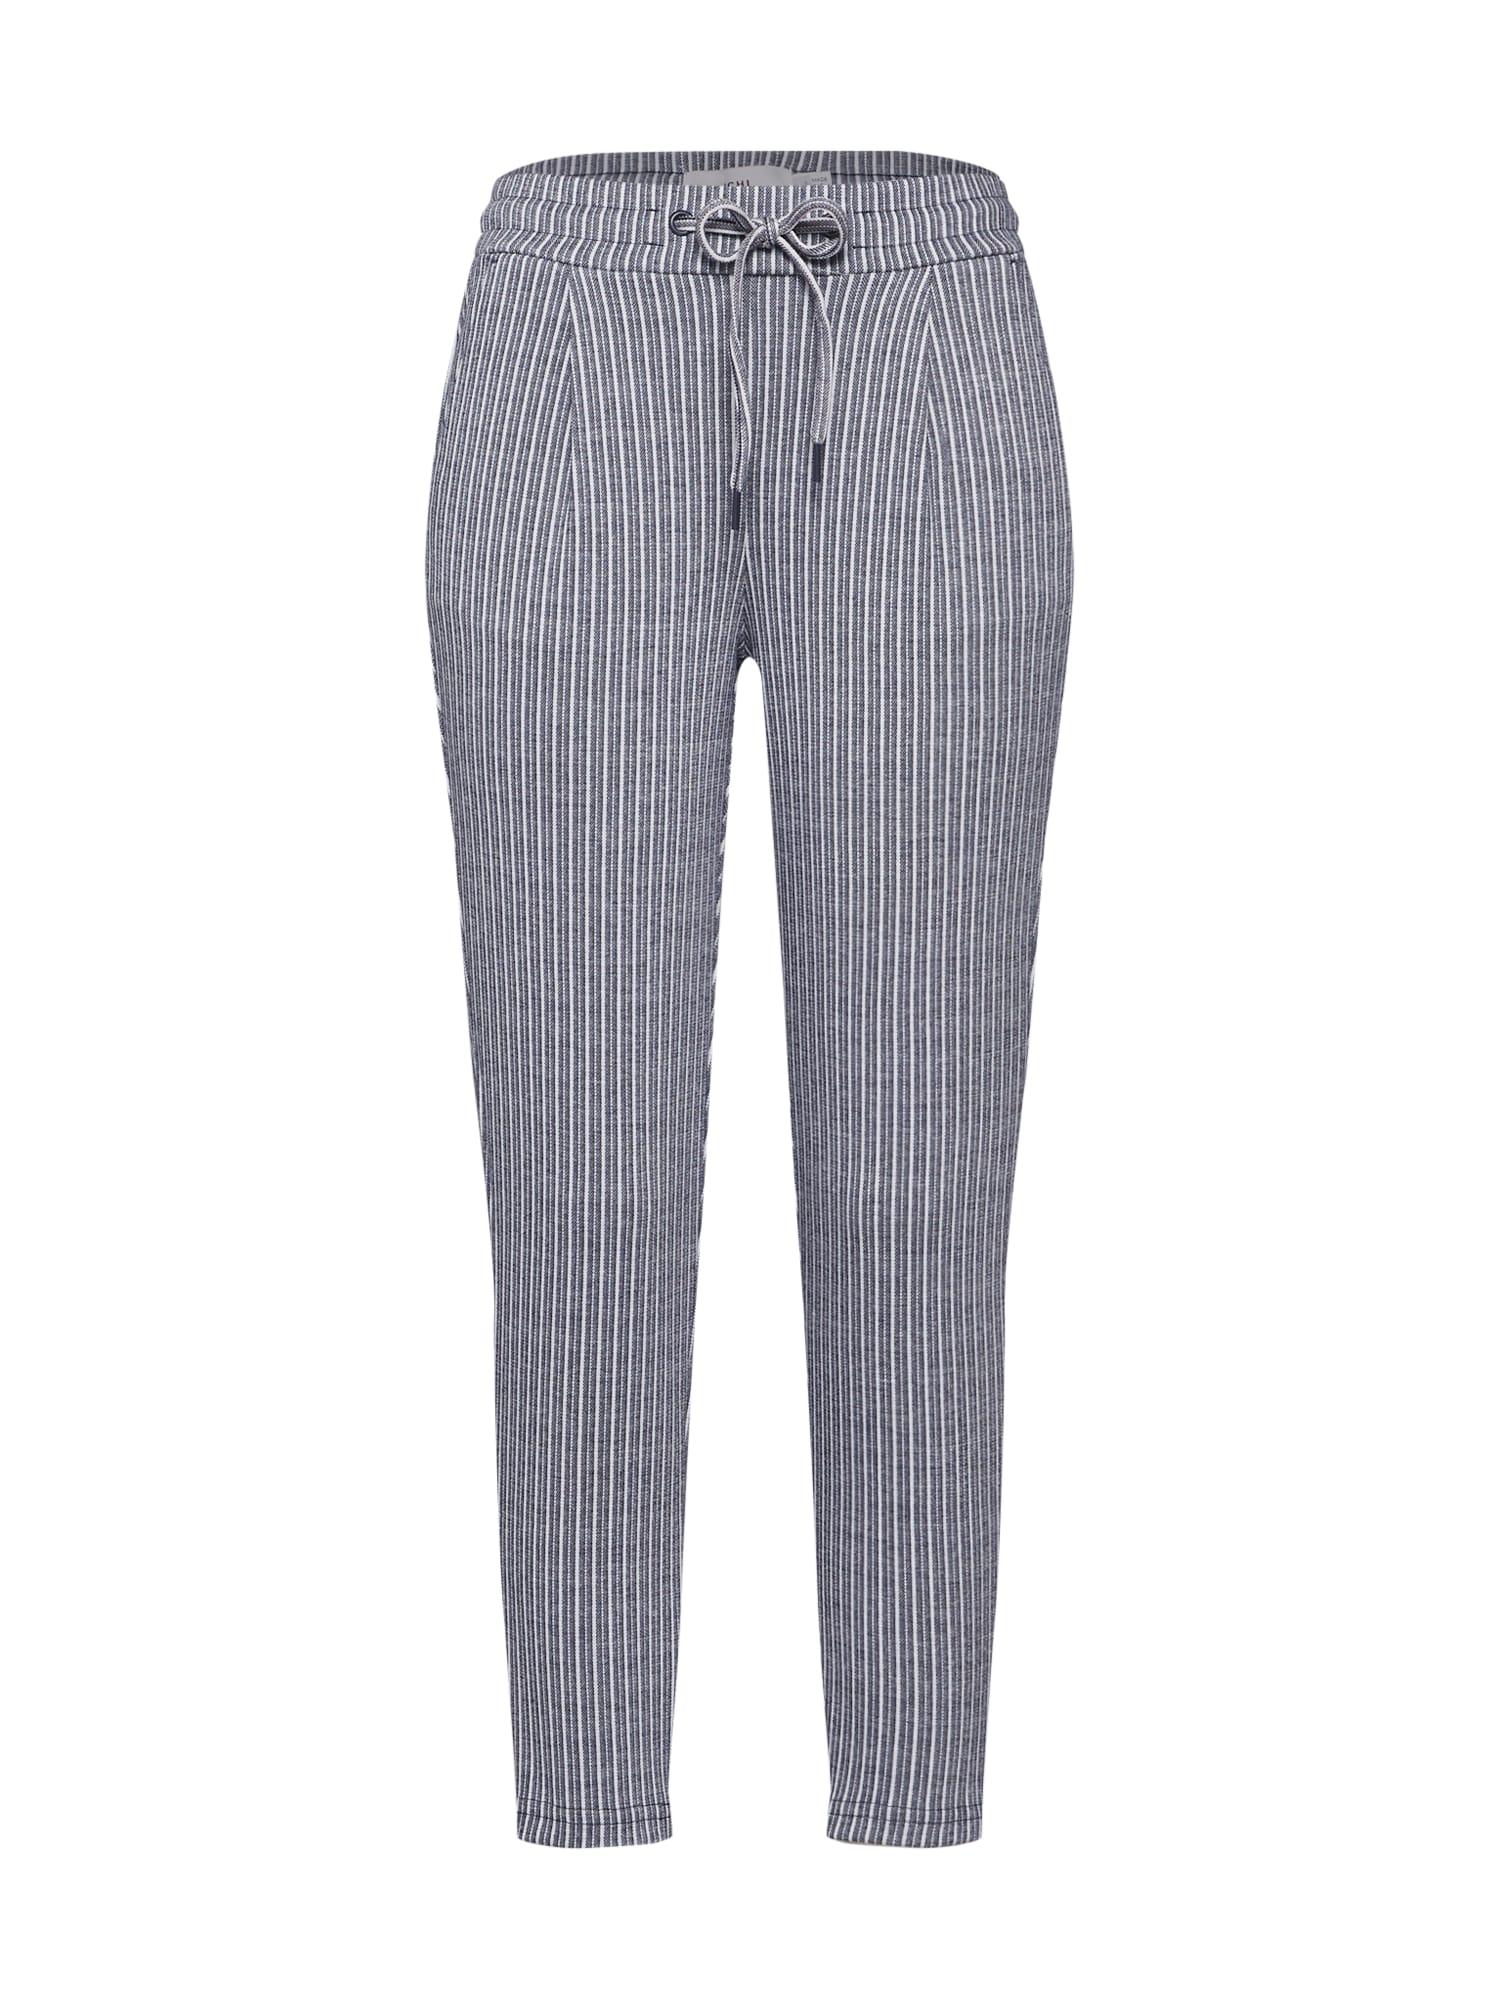 Kalhoty se sklady v pase KATE STRIPY PA modrá bílá ICHI